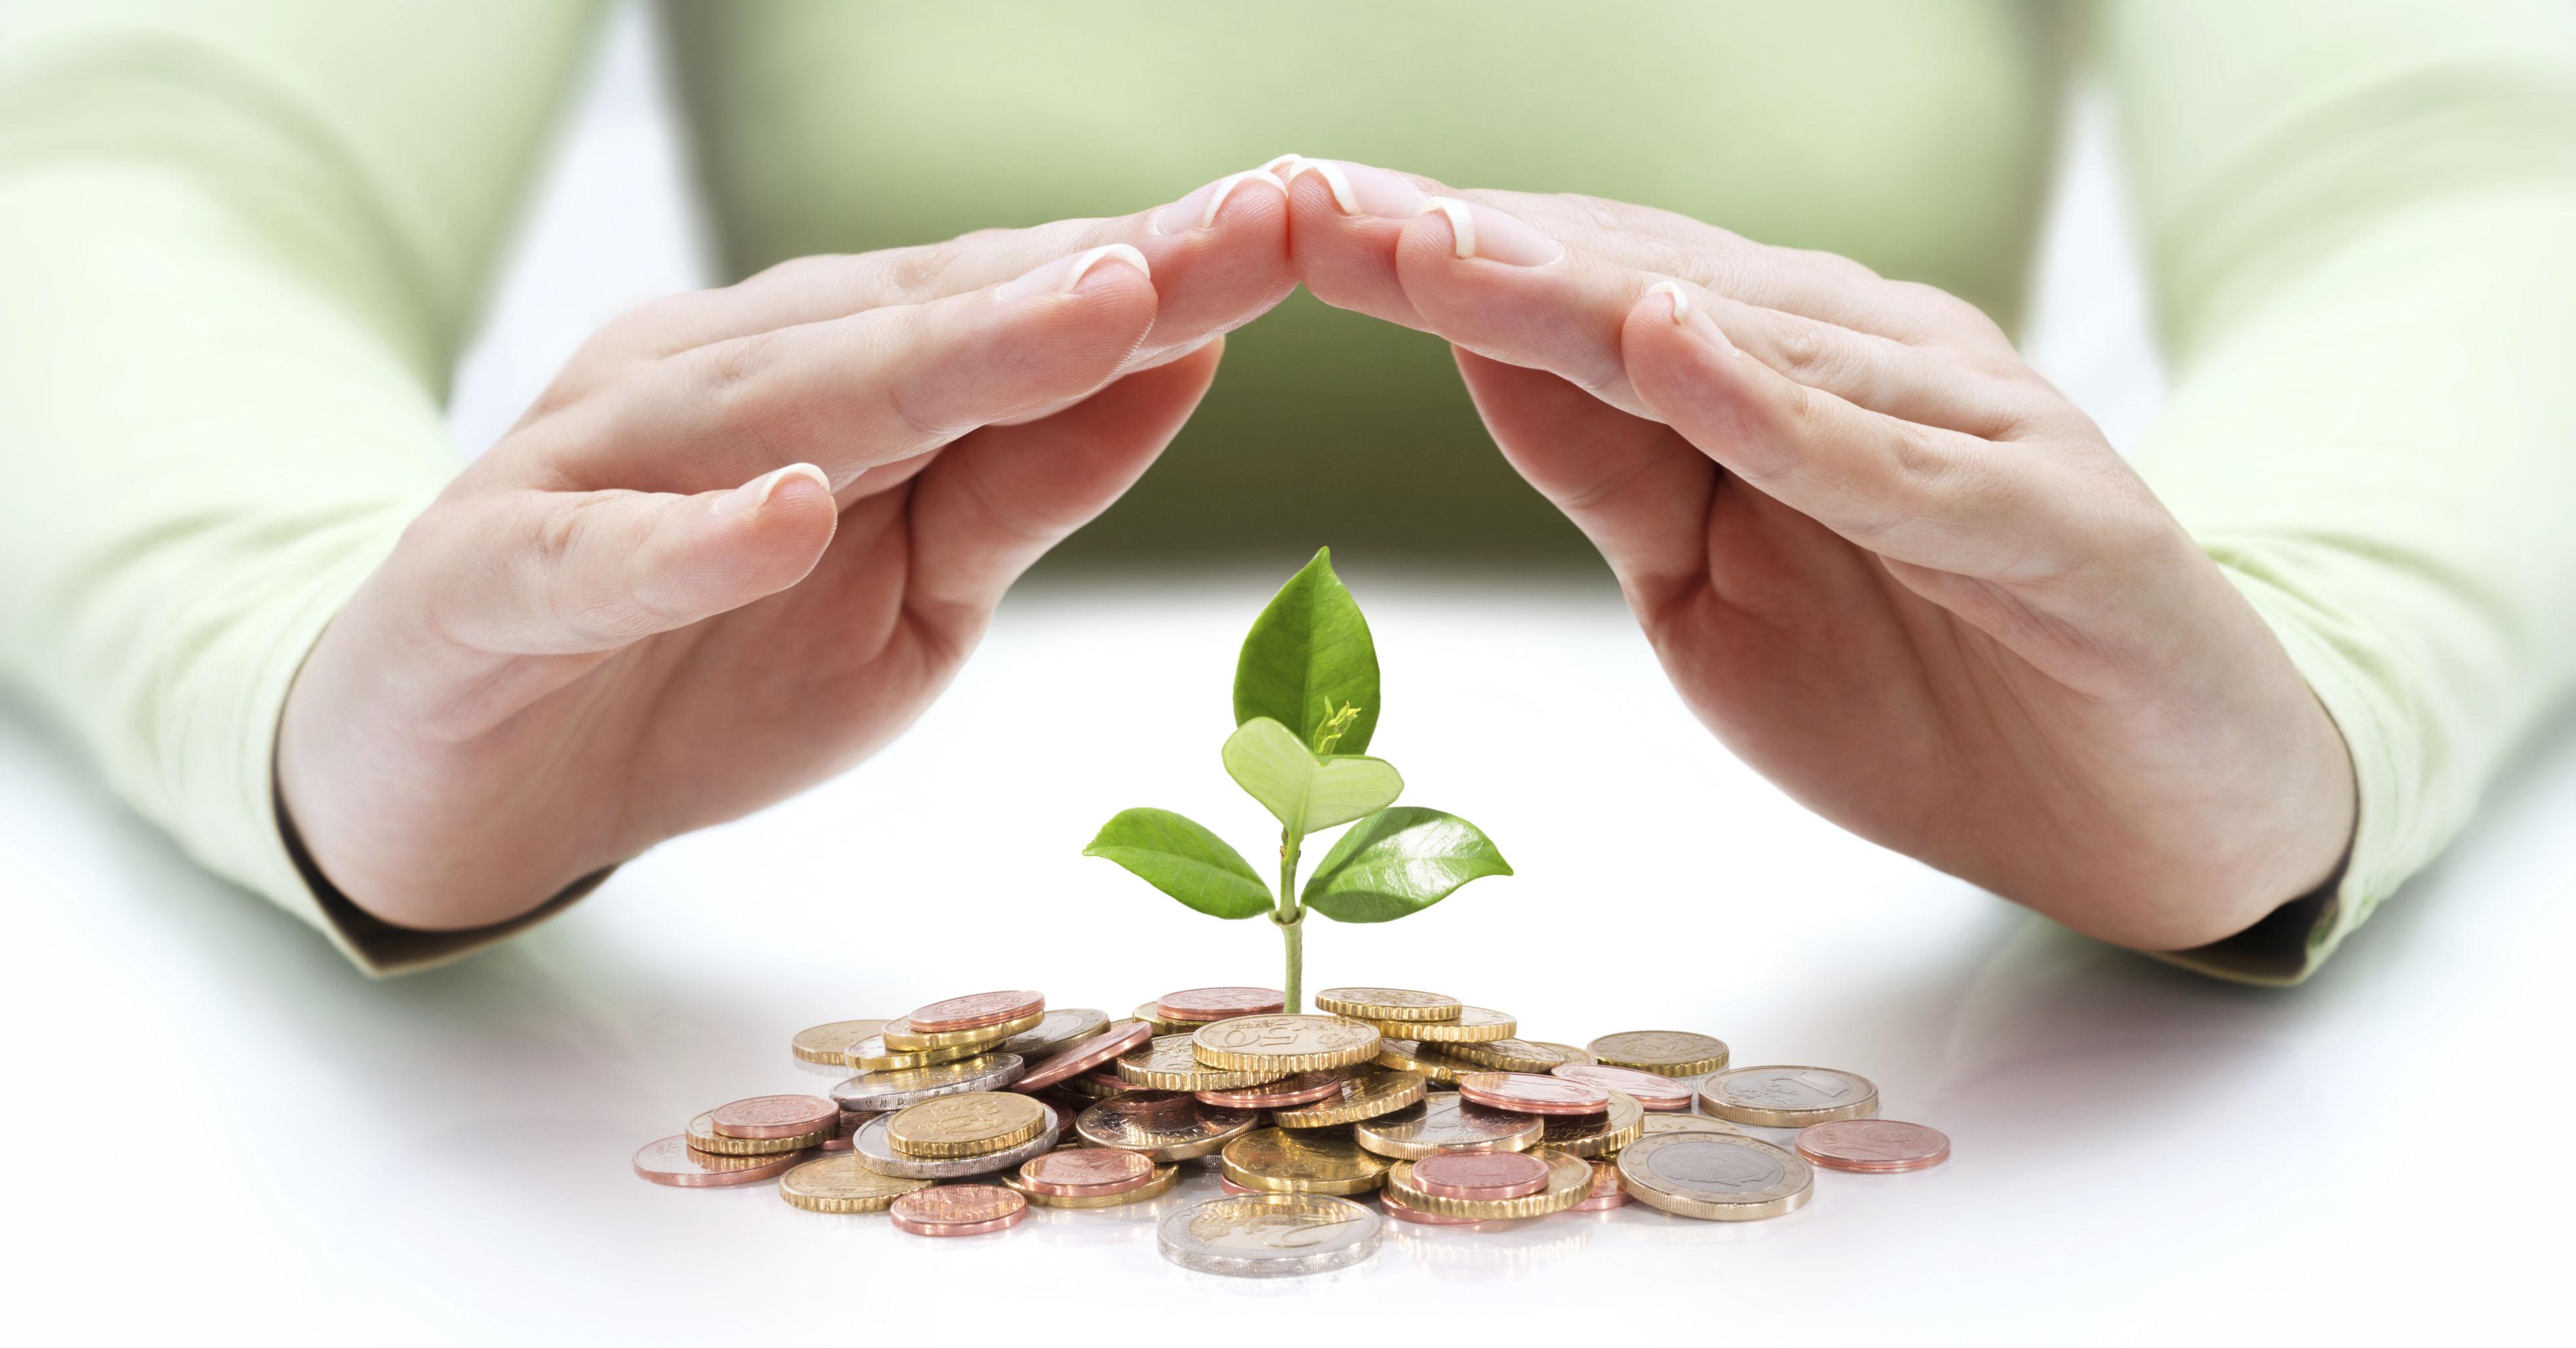 Банковские вклады: время действовать?